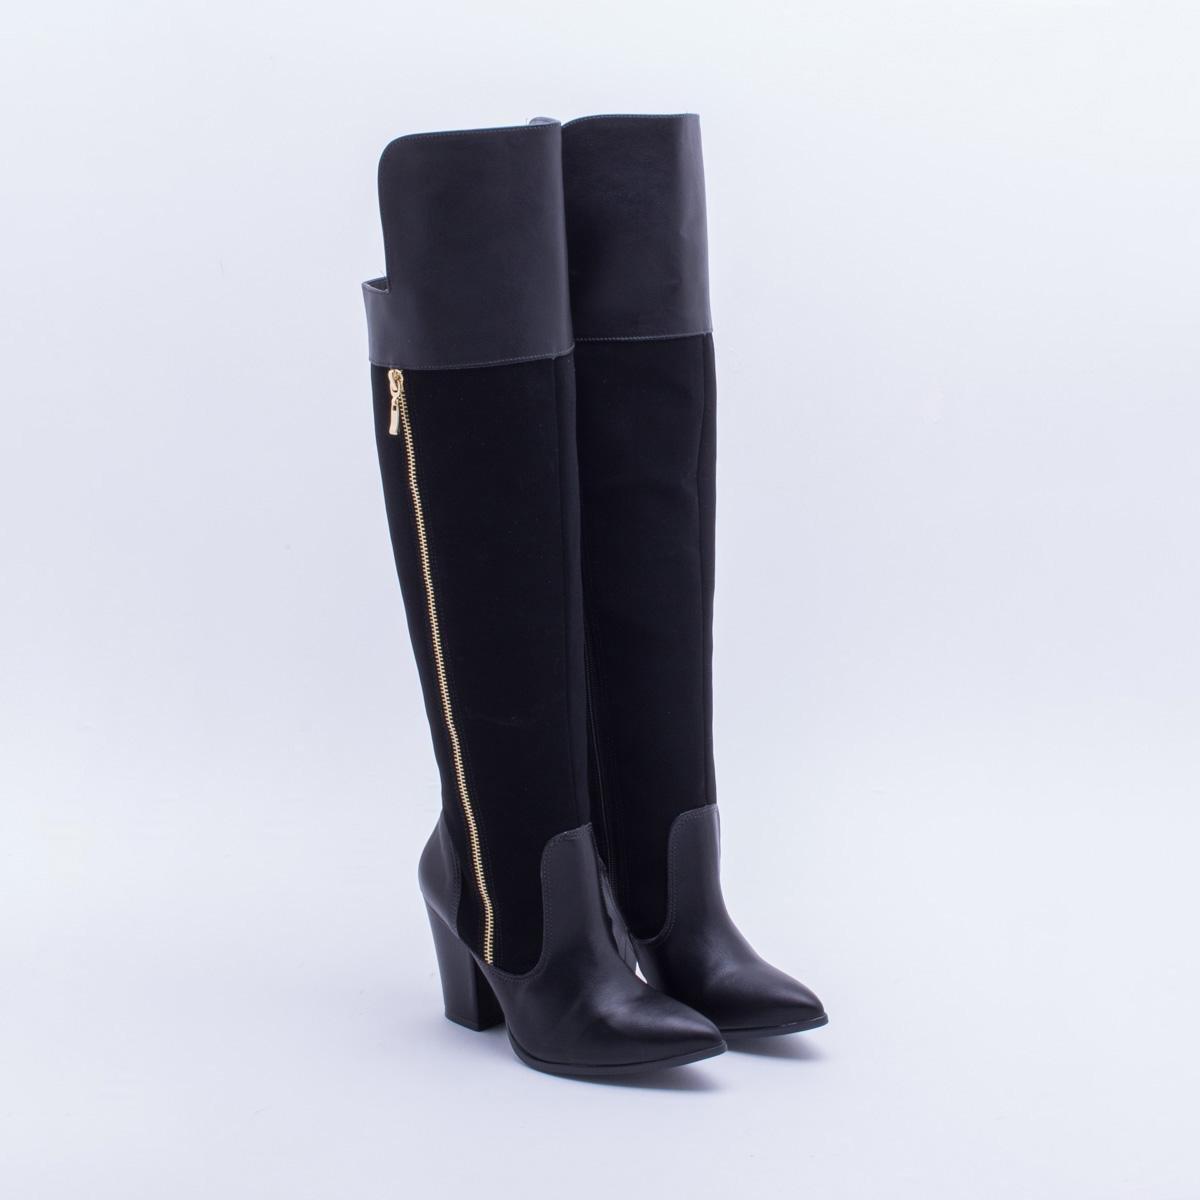 05a13a14e Bota Over Knee Via Marte Nobuck Feminina - Compre Agora